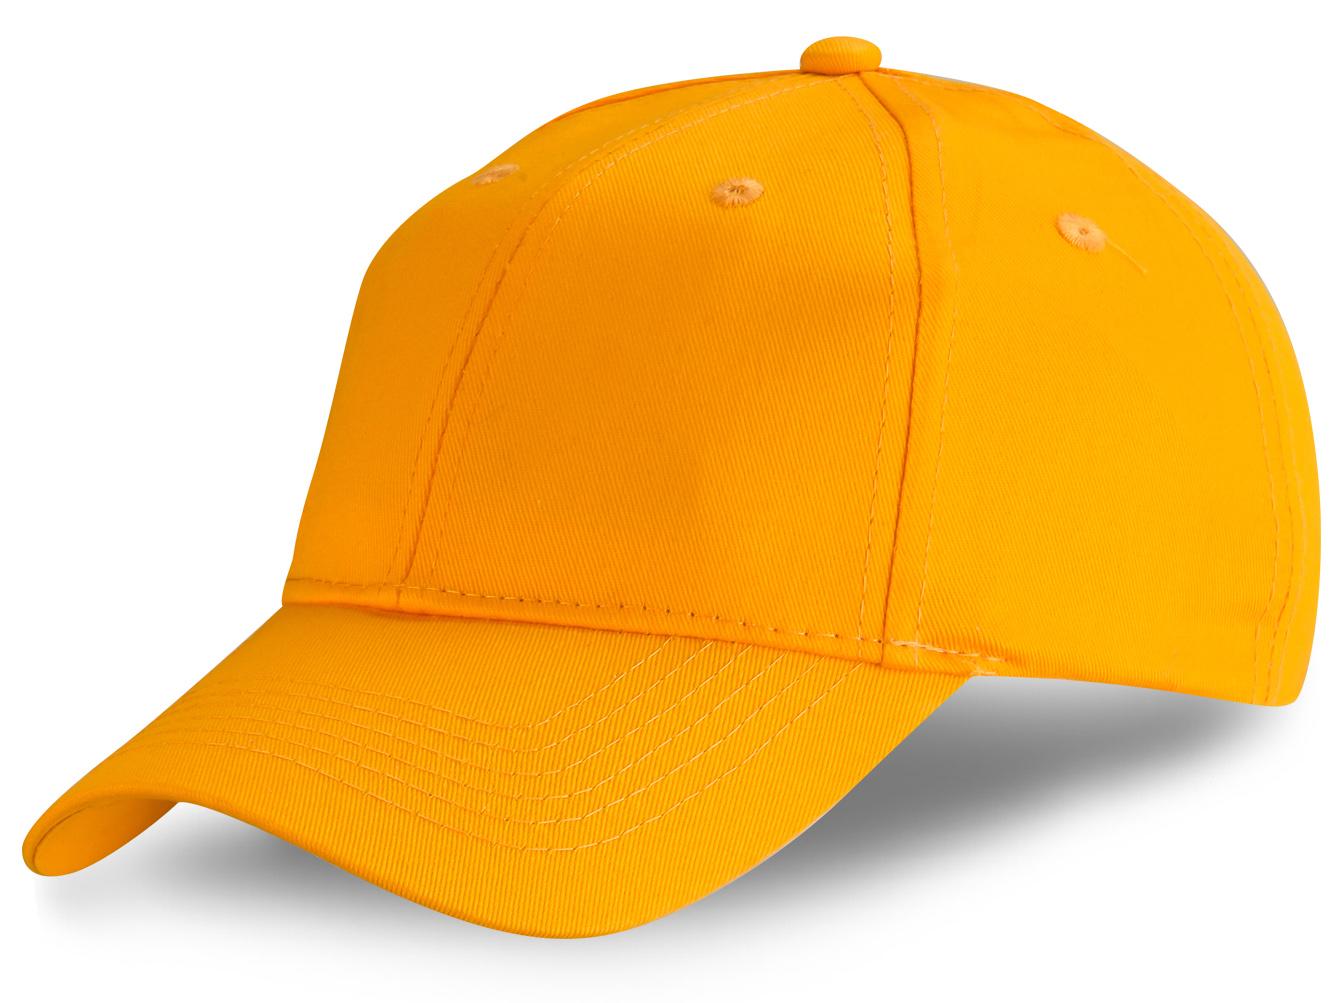 Желтая бейсболка - купить в интернет-магазине